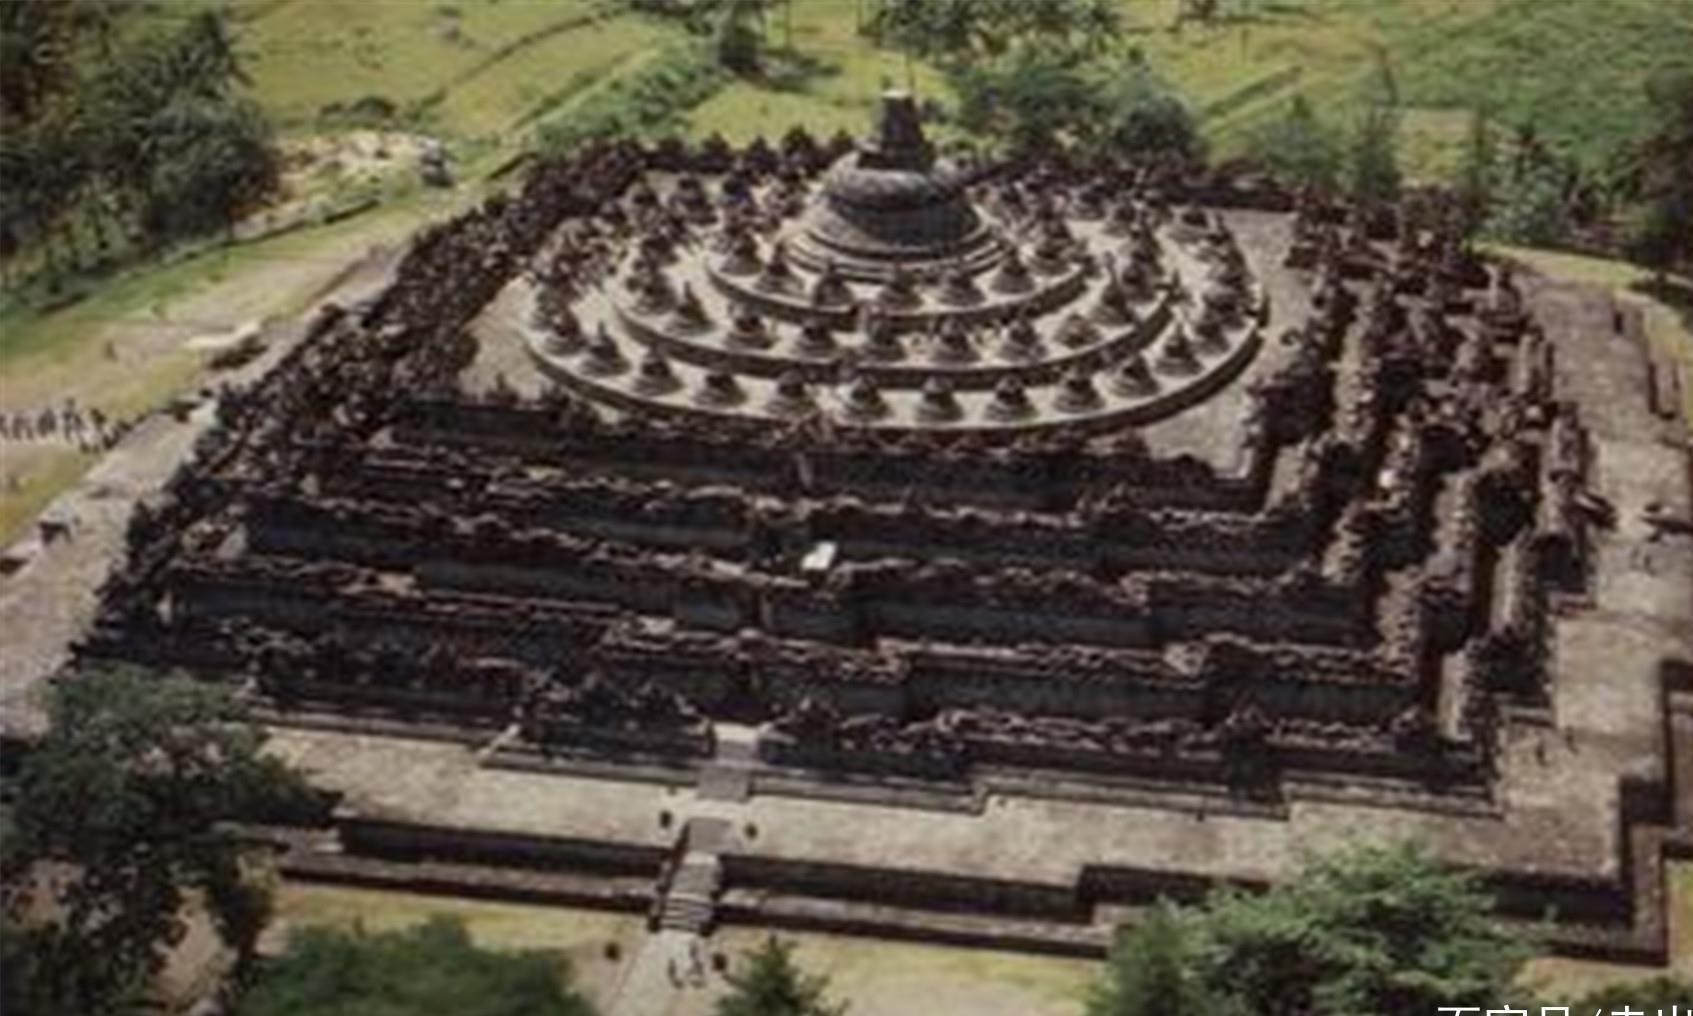 全球最诡异佛塔,曾在火山灰中沉睡千年,古东方四大奇迹之一!